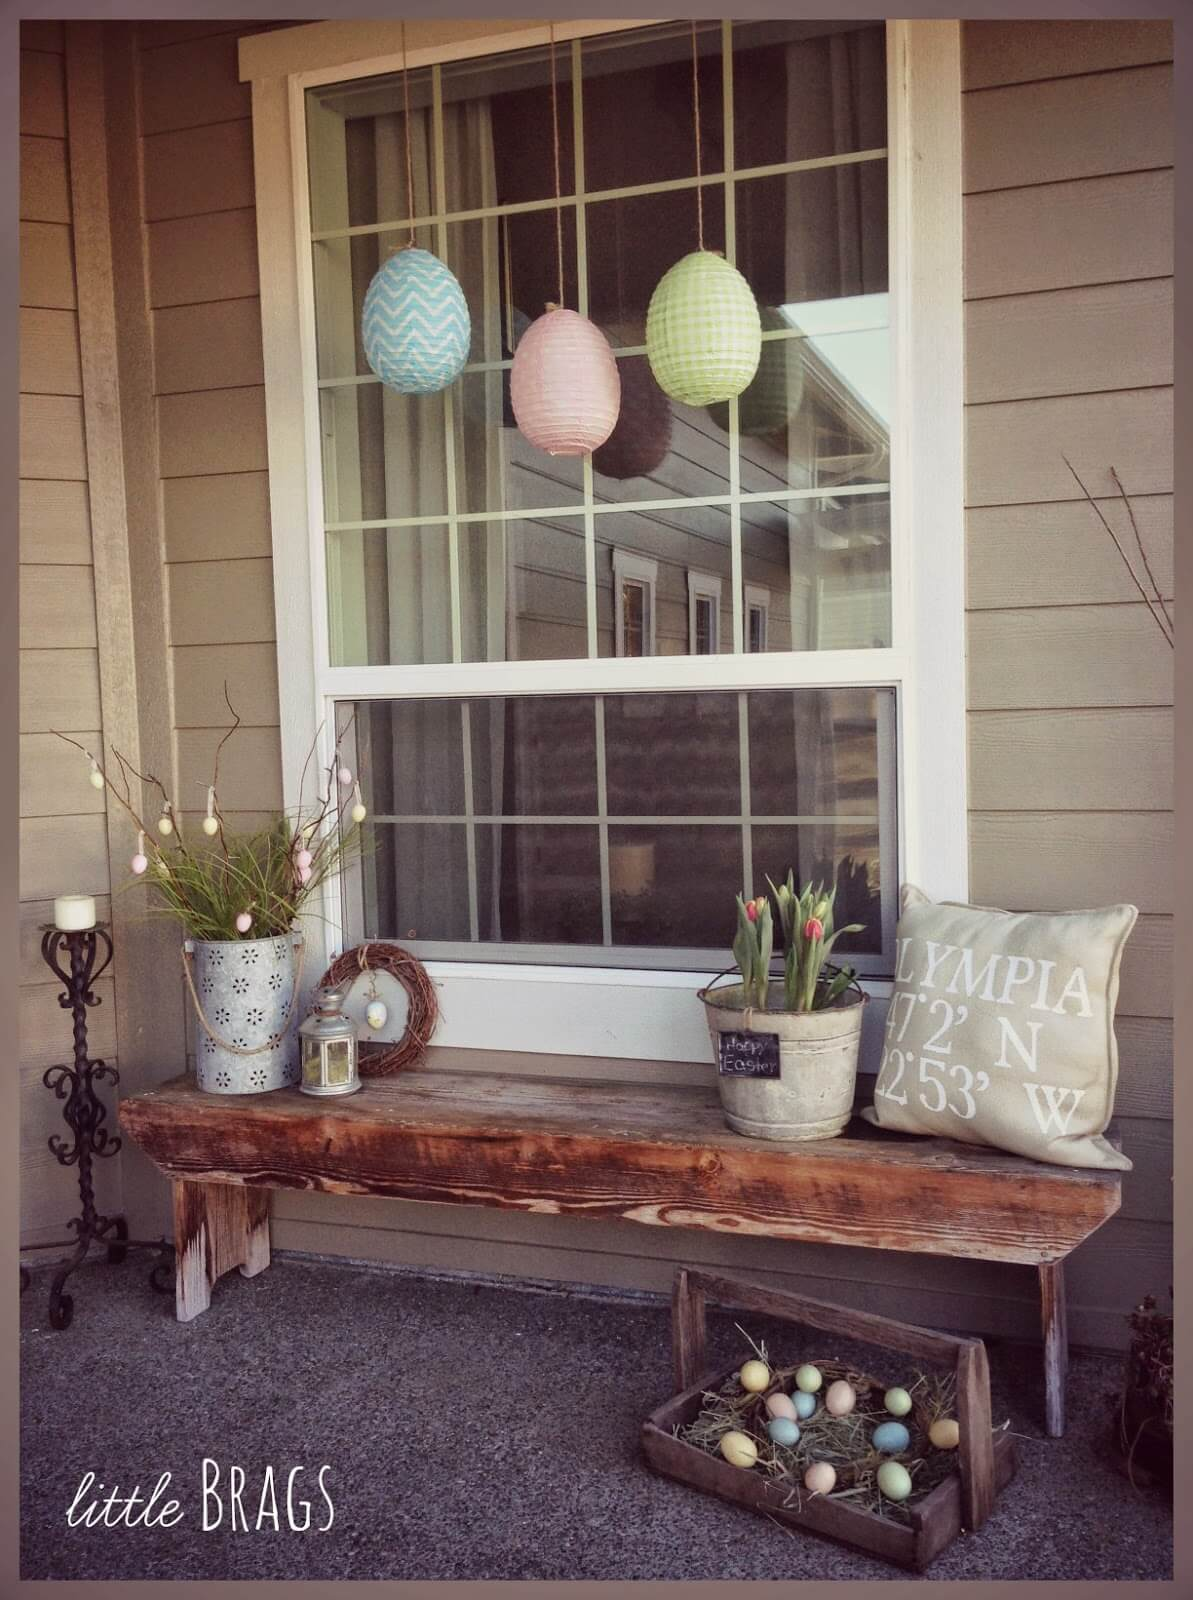 Adorable Easter Egg Paper Lanterns